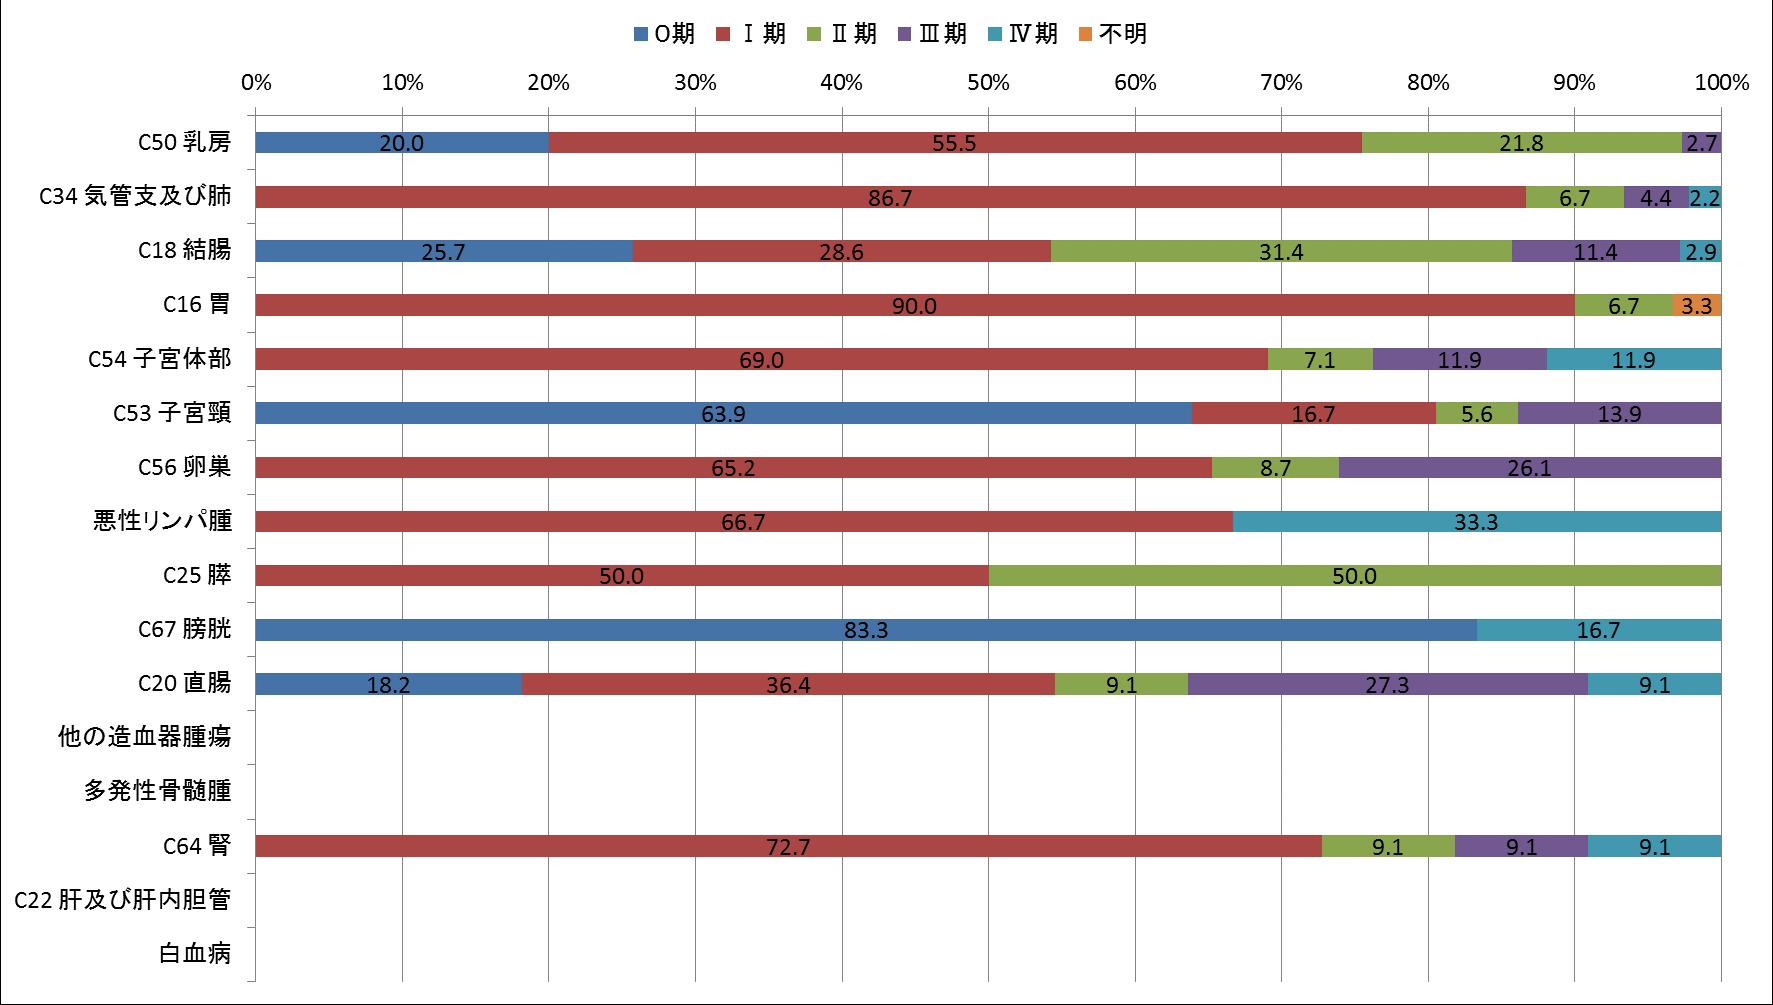 図9-3 ステージ別登録数(p-STAGE)(女、登録数2桁以上のみ) ❋「該当せず」を除いて集計